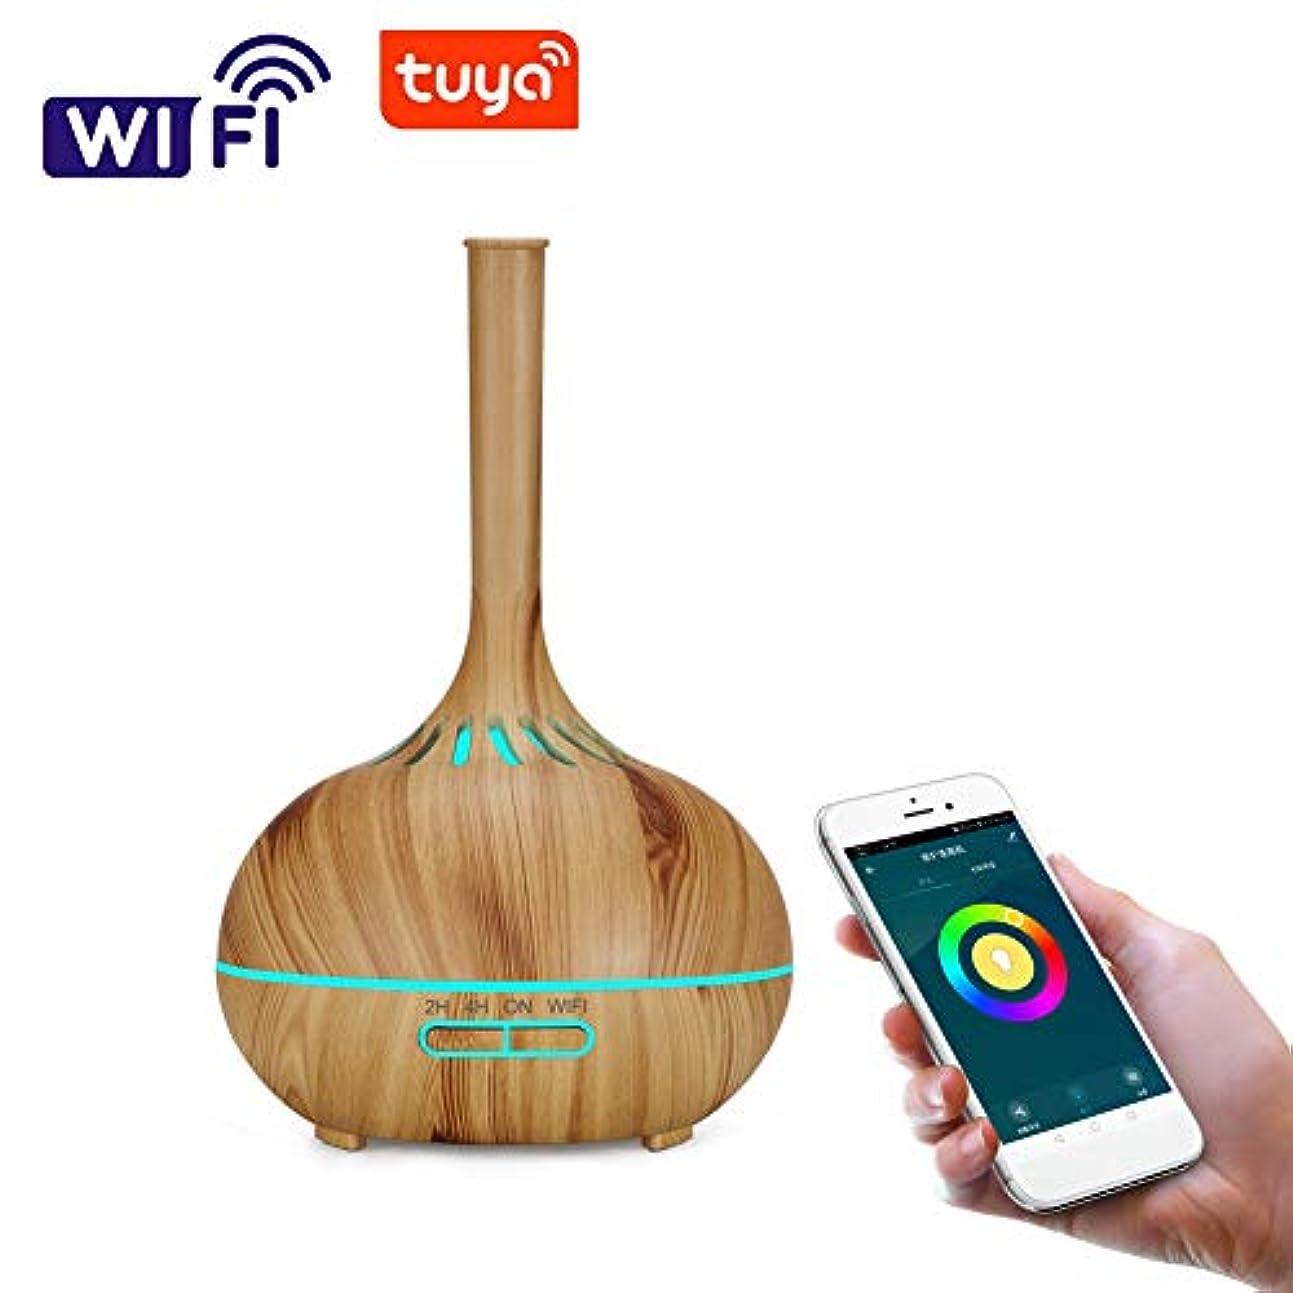 気体の本質的ではないあざ木目 涼しい霧 超音波式 加湿器,wifi 7 色 香り 精油 ディフューザー 調整可能 空気加湿器 アロマネブライザー ホーム Yoga オフィス- 400ml